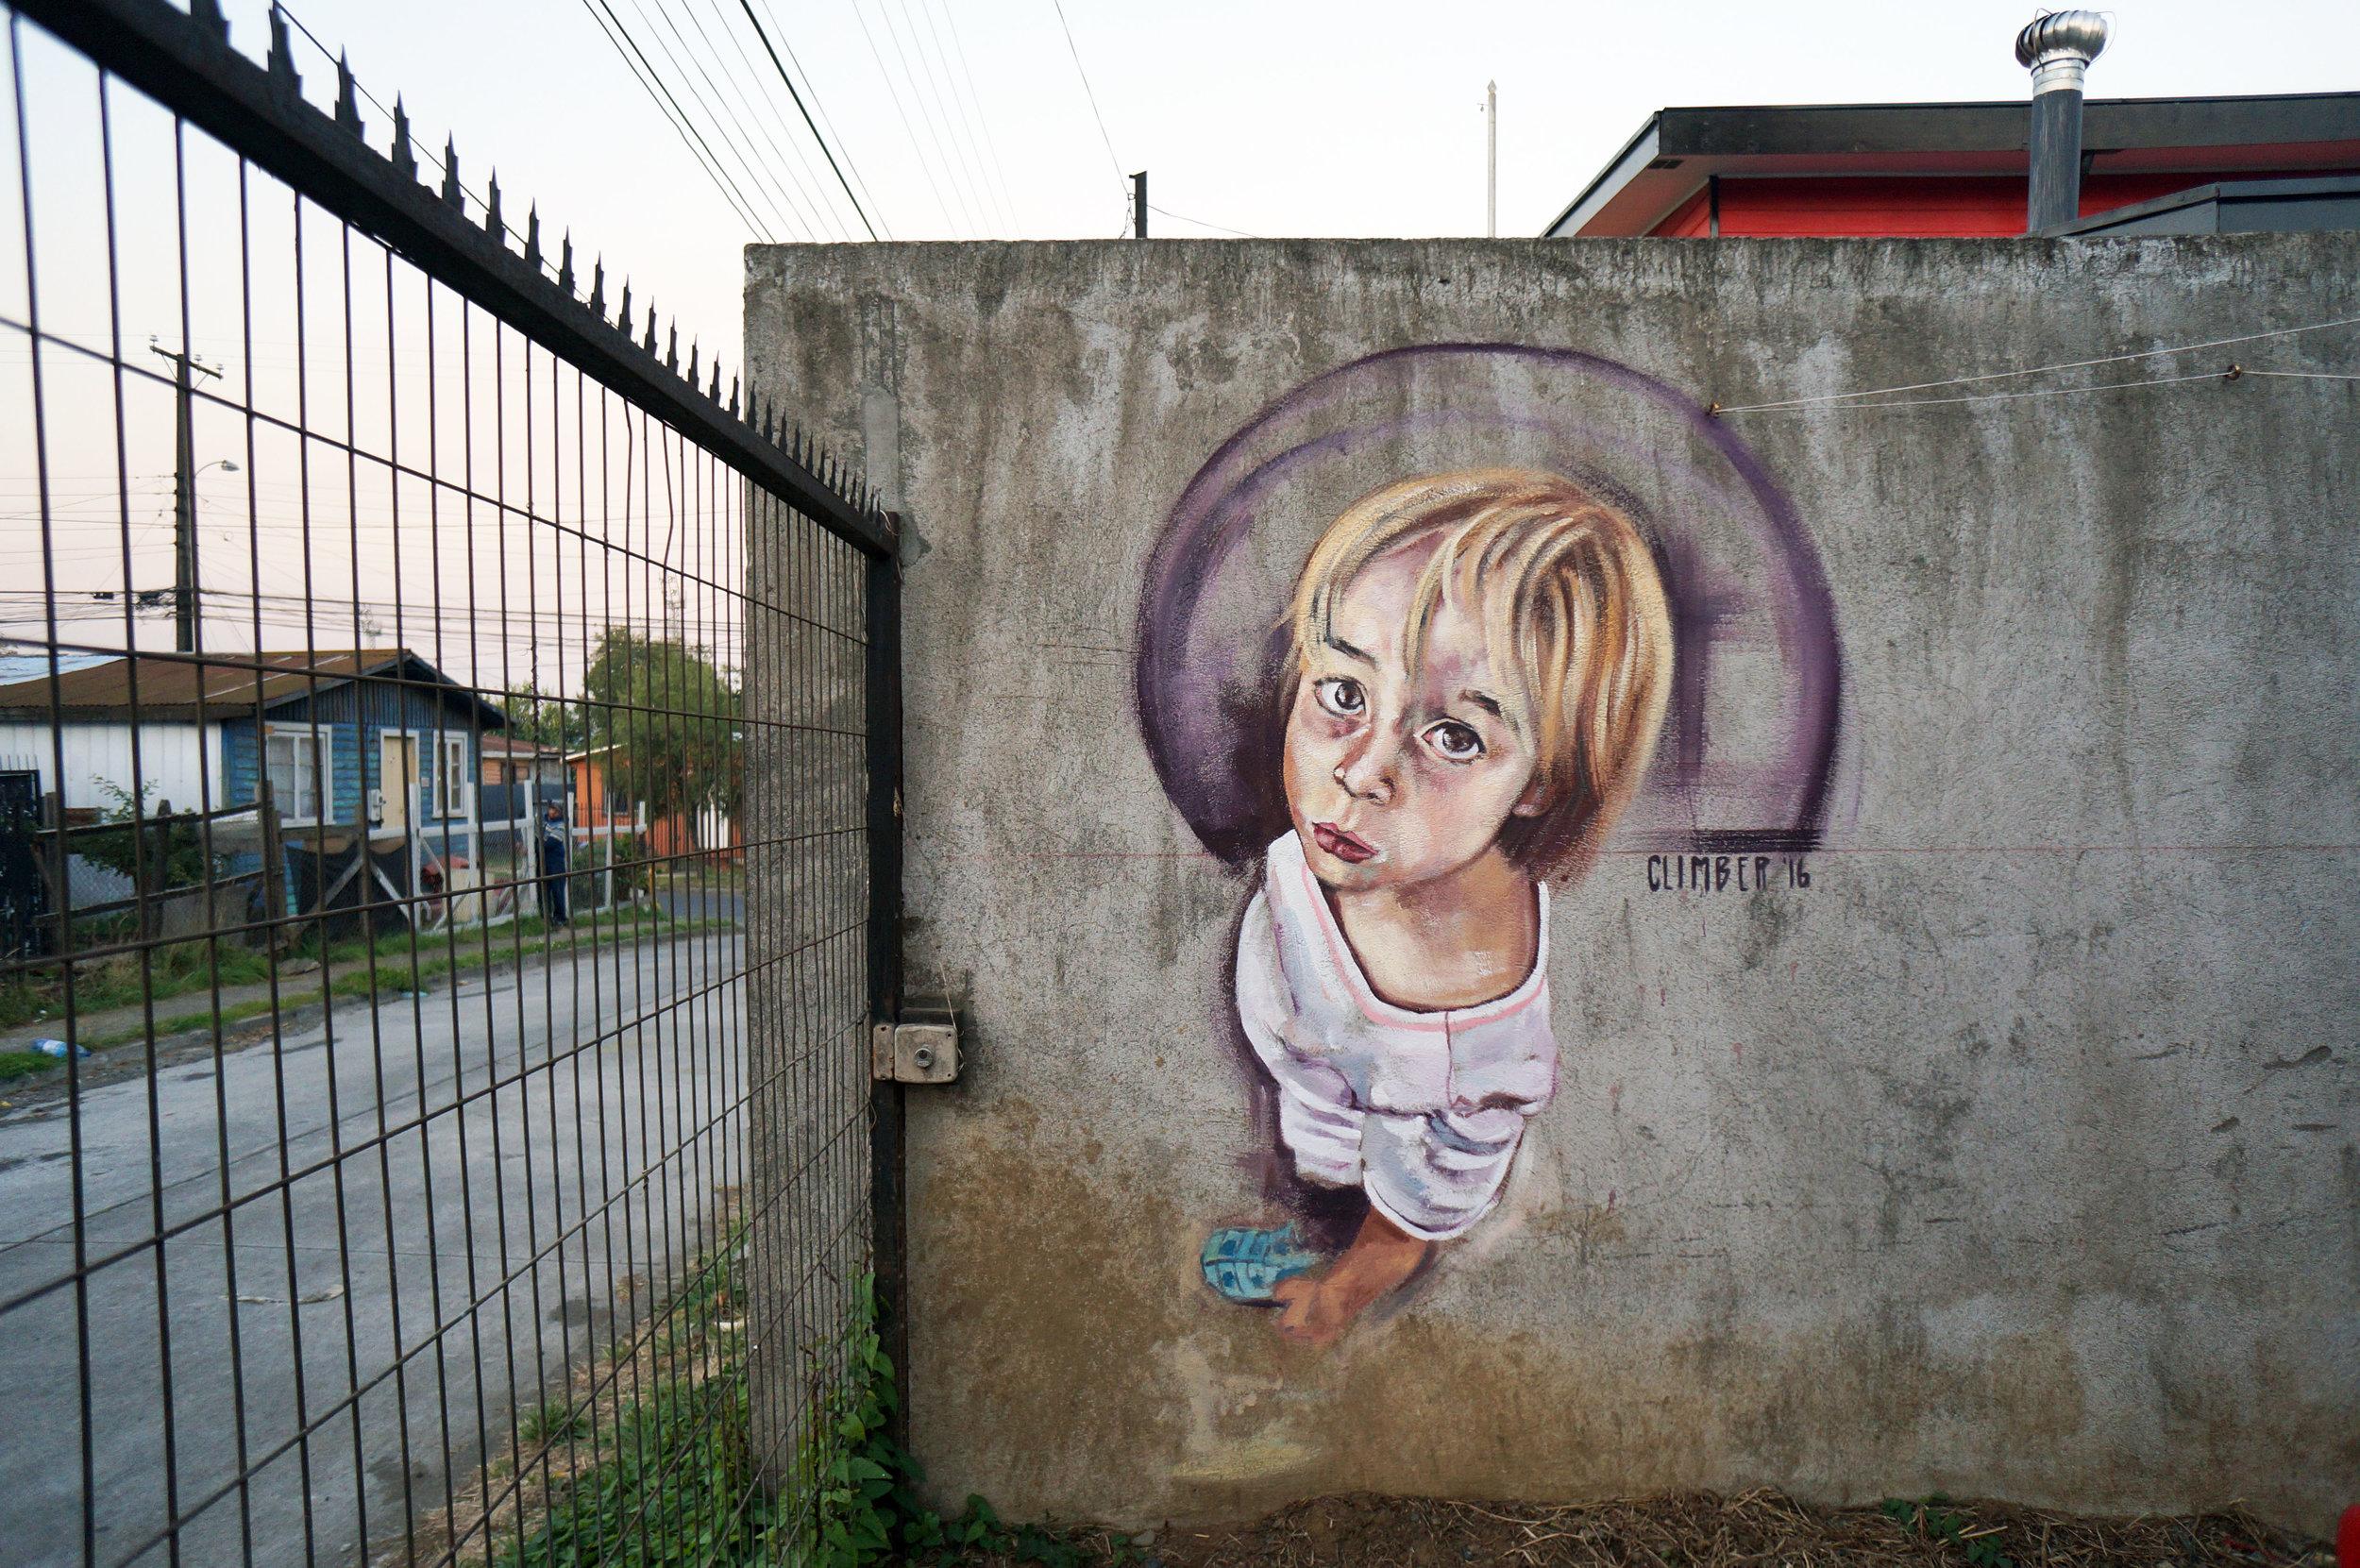 Childlike [installation view]